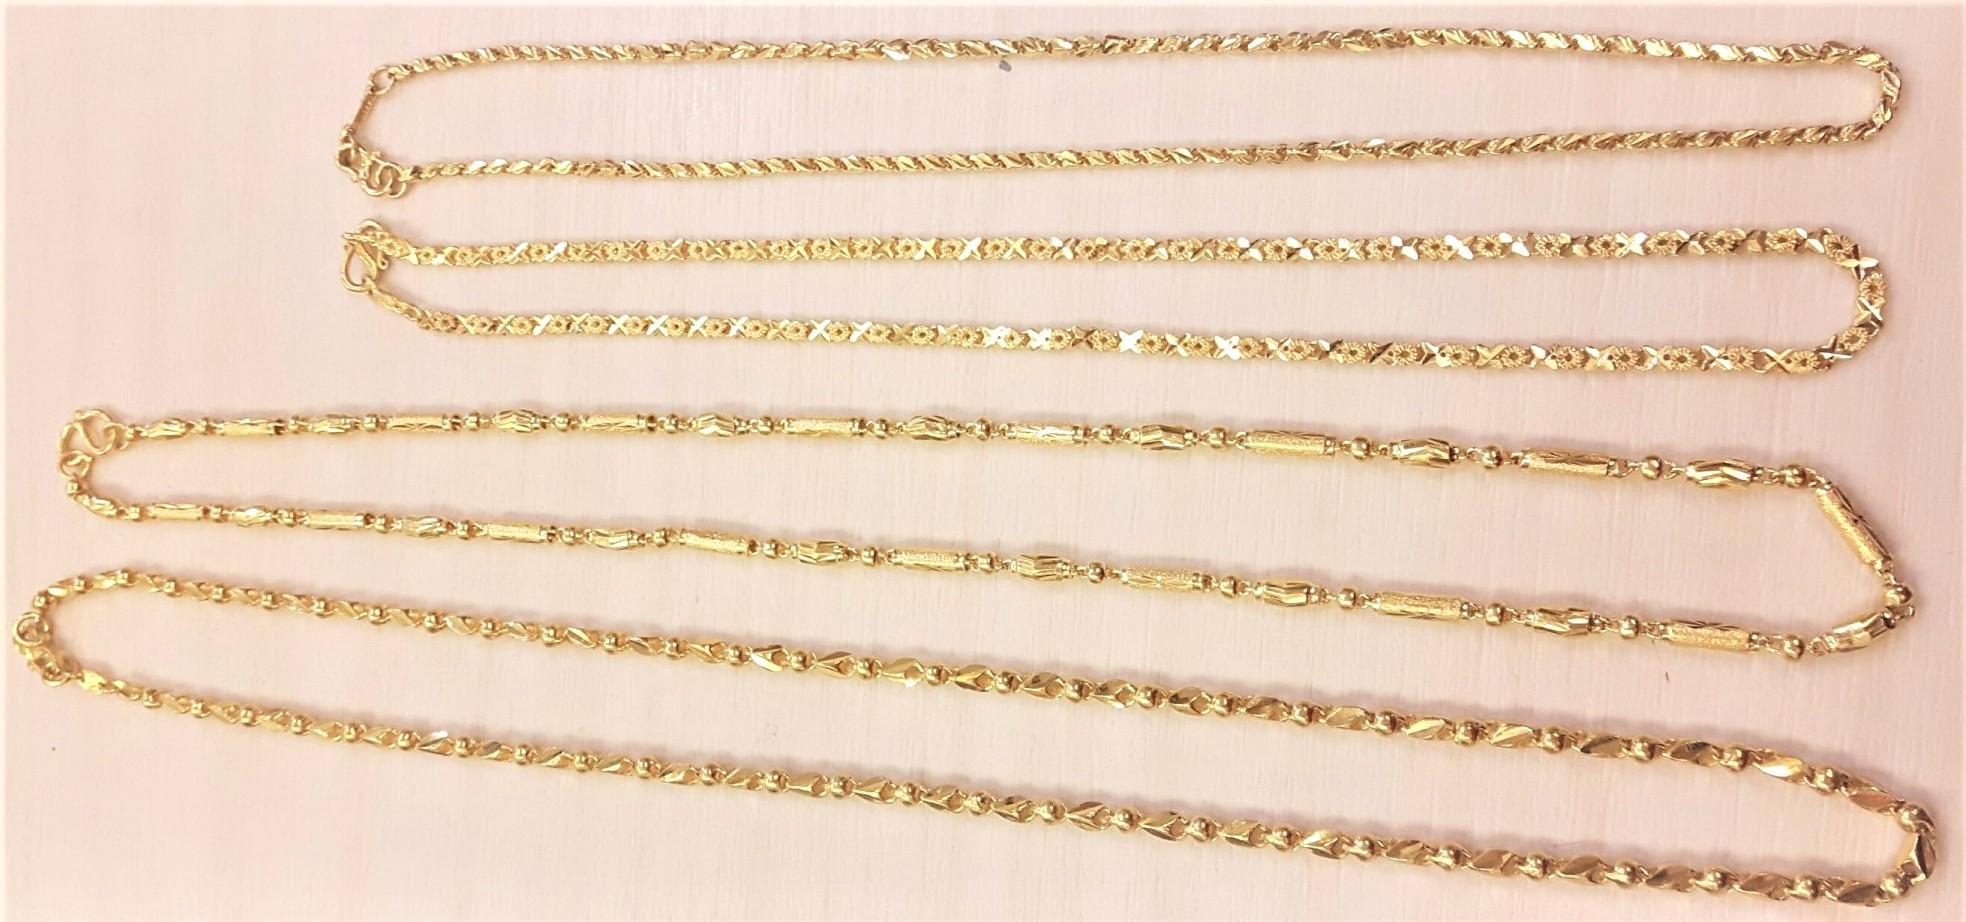 05.27-不純的黃金也可以回收換現金!! JEWEL CAFE 黃金、K金、鑽石收購專門店-蘆洲店 (新北市)